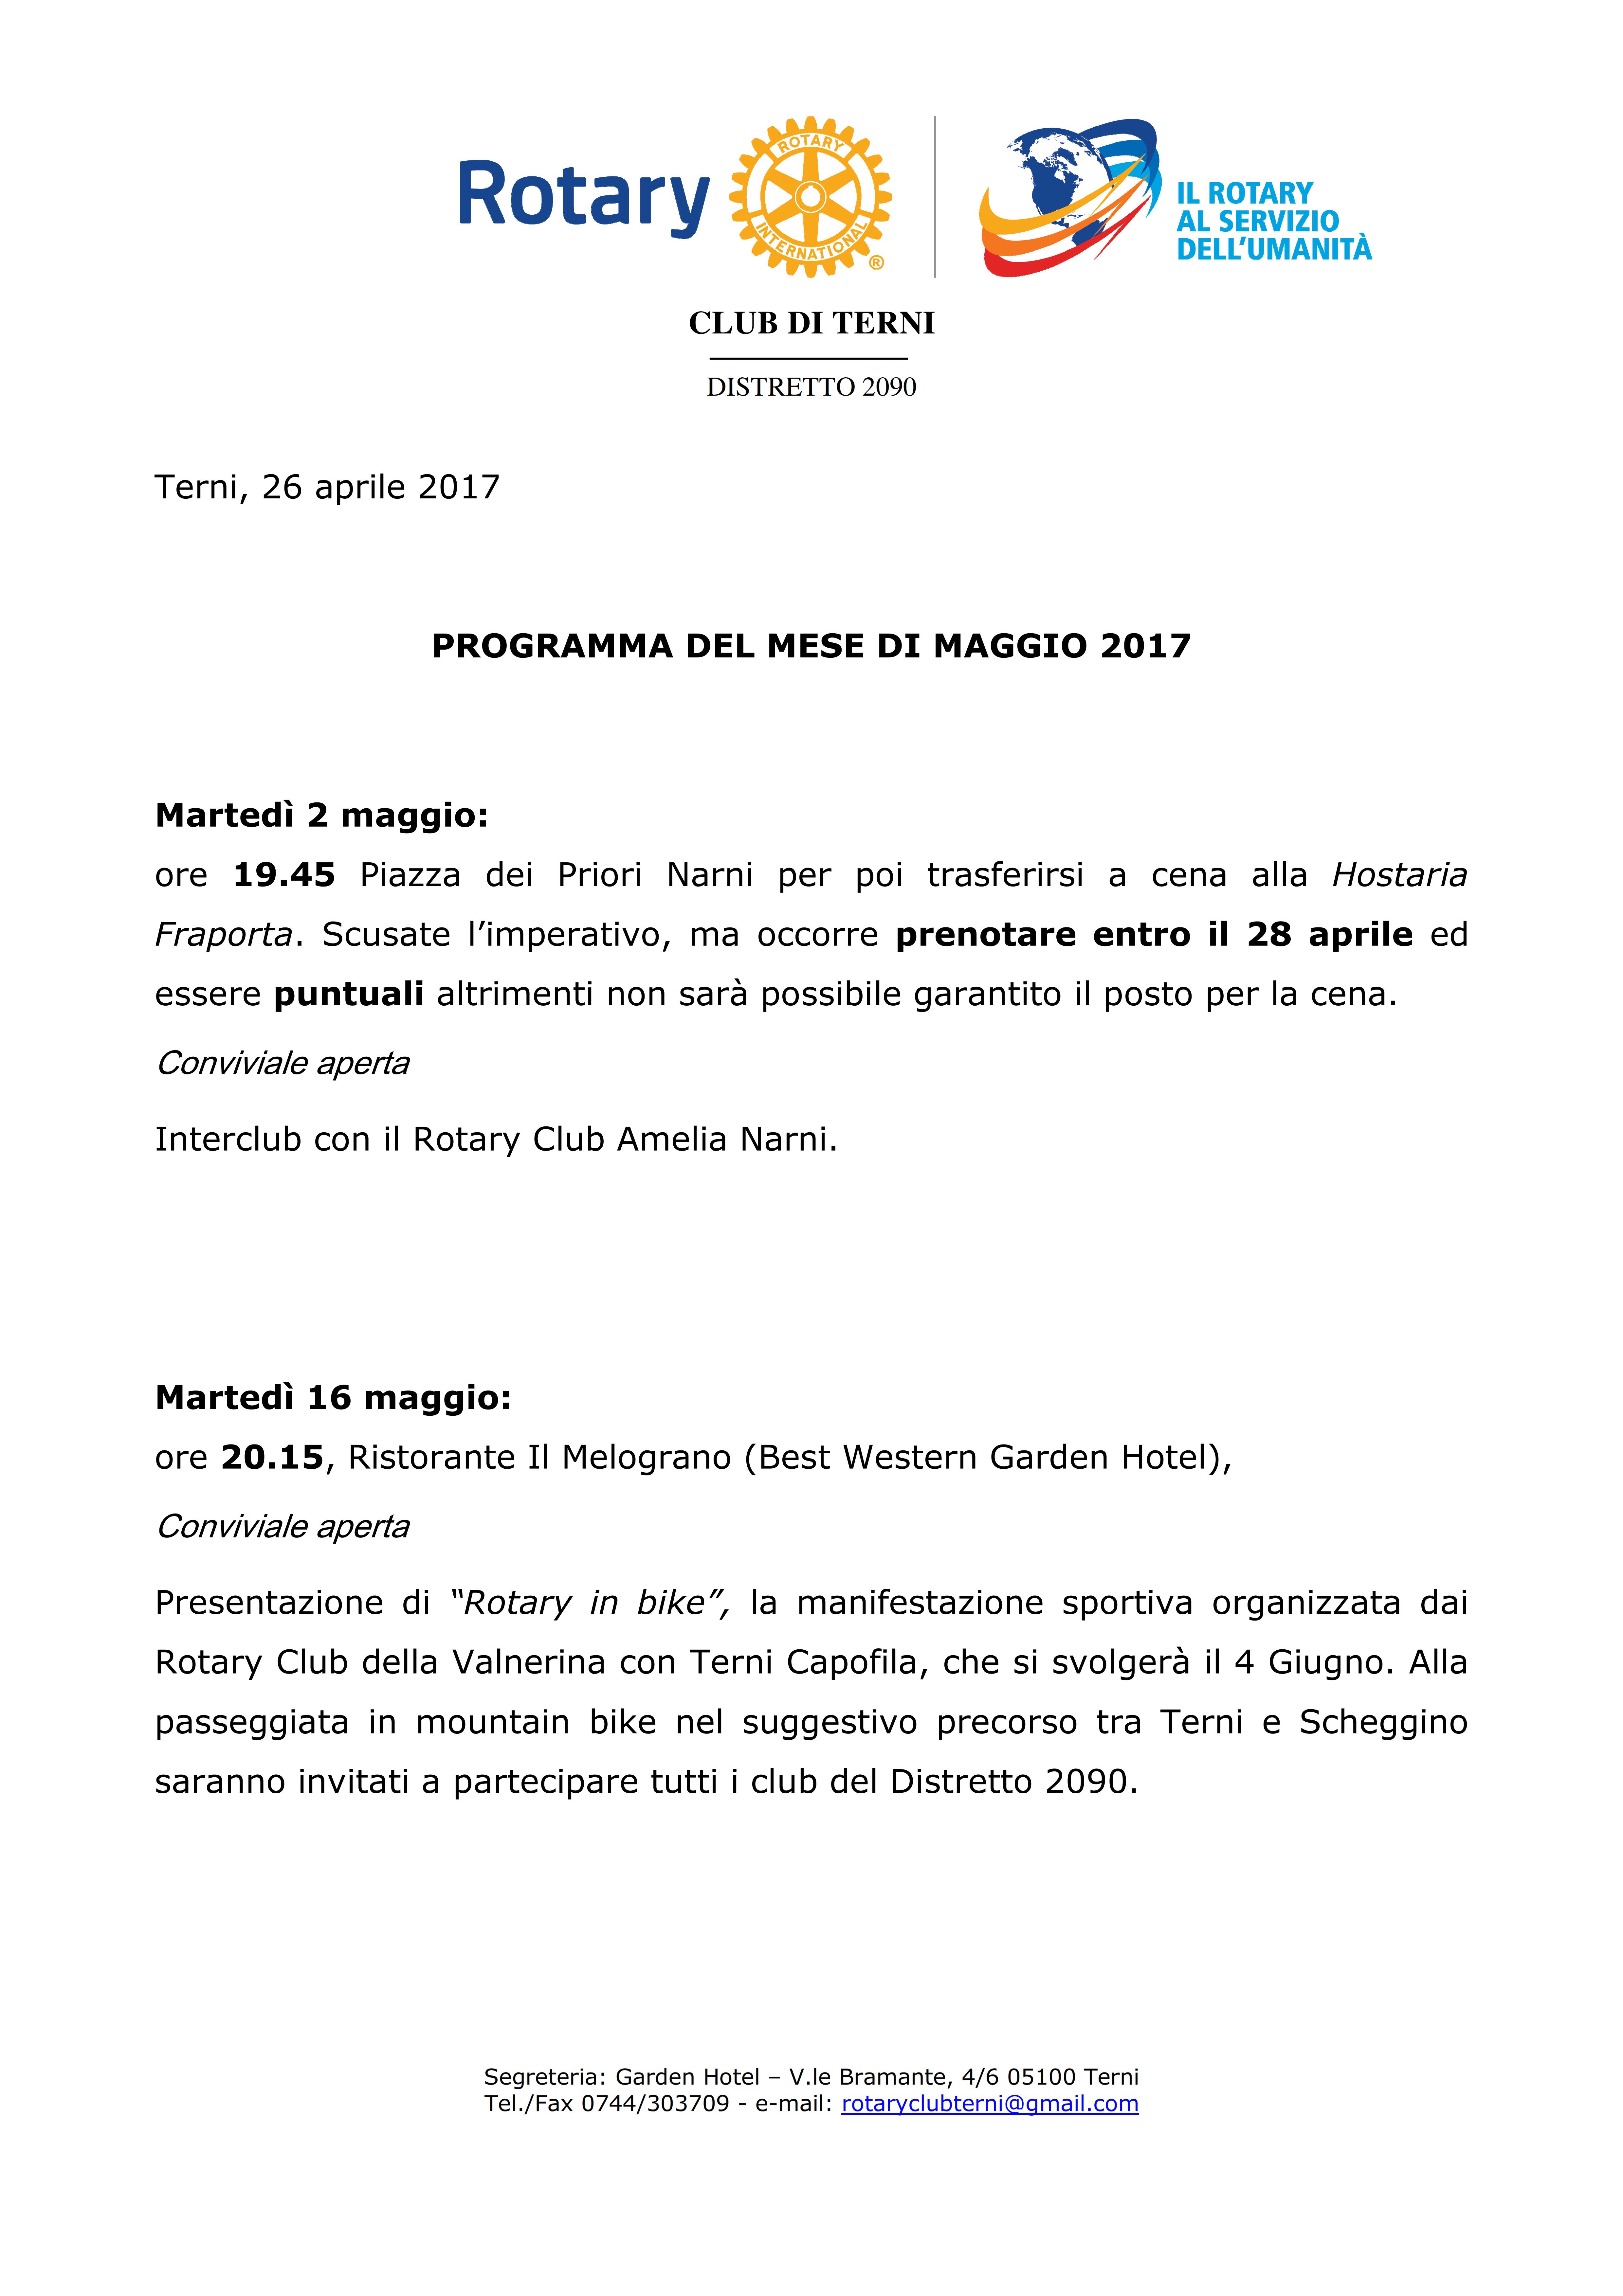 Rotary Club Terni - Programma Maggio 2017_001